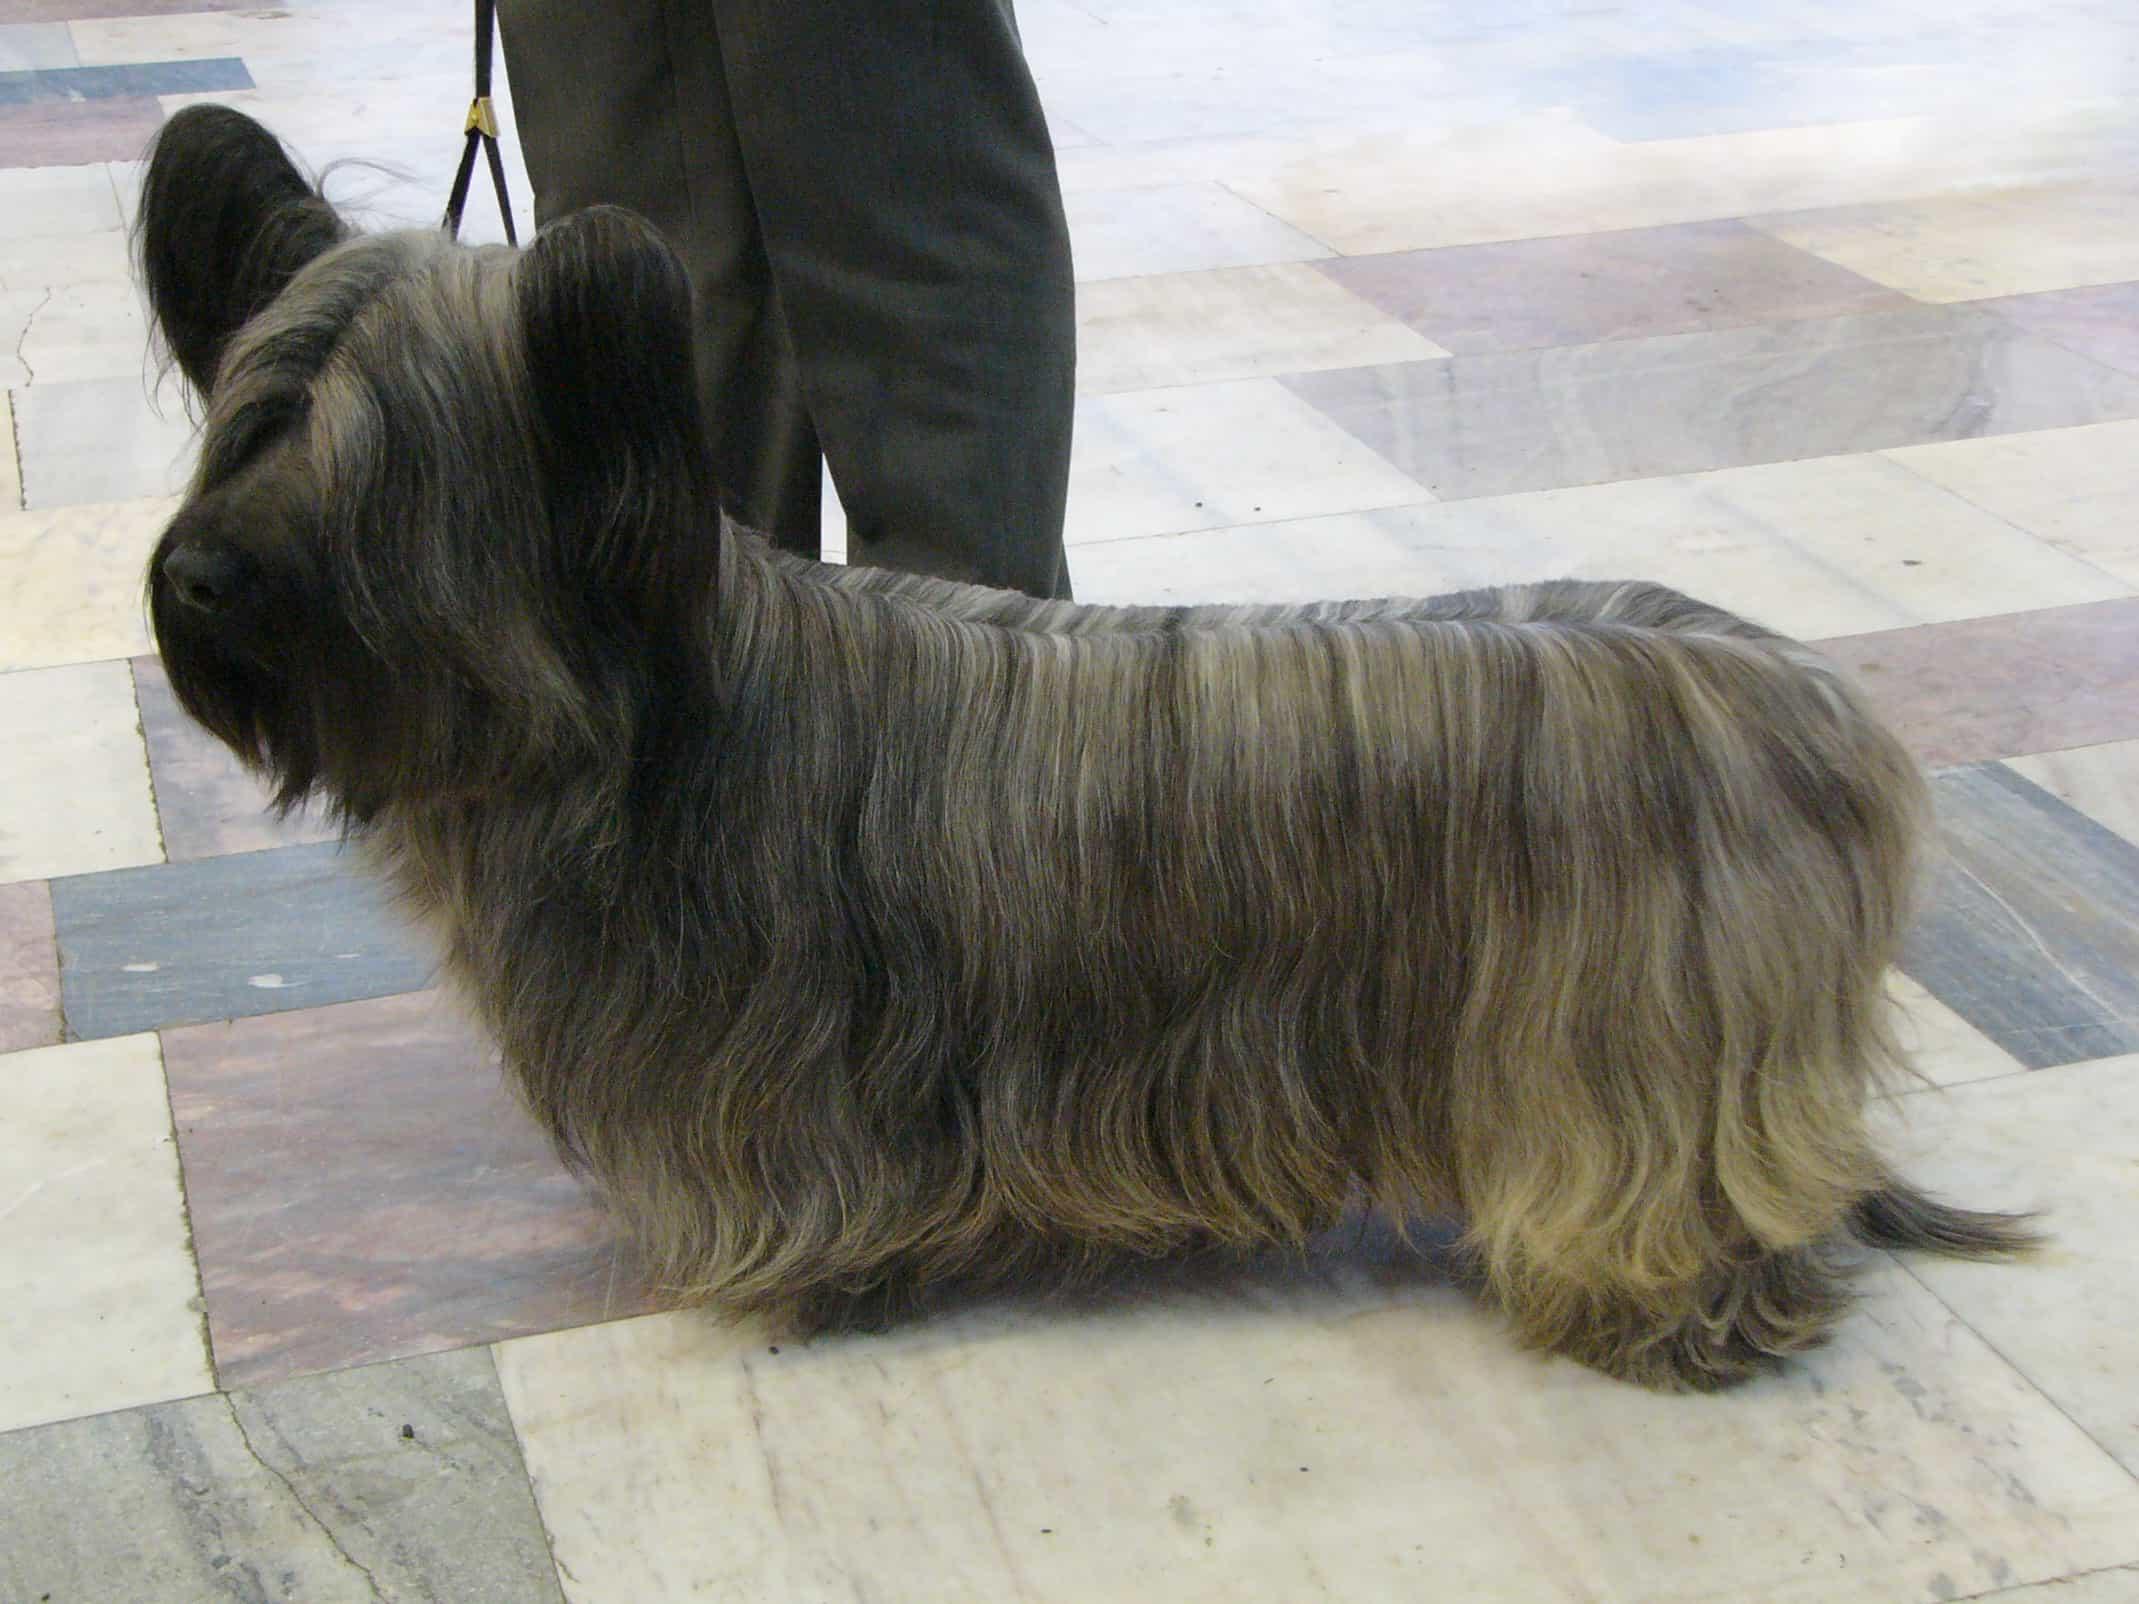 Chó sục Skye Terrier chan ngắn đứng trên đường